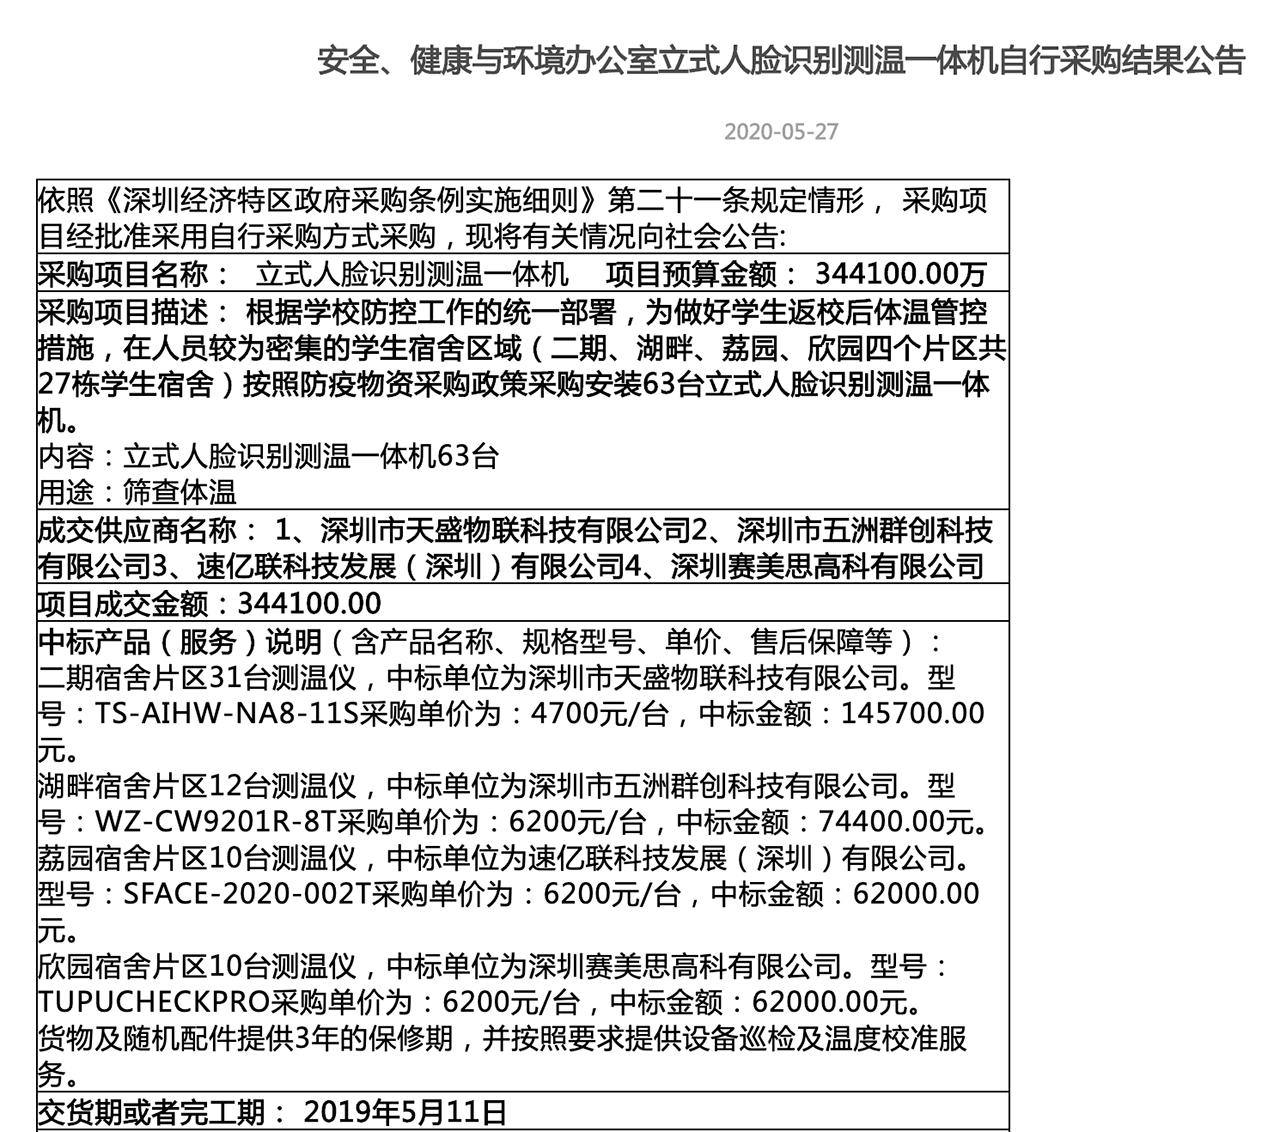 招标公告截图/南方科技大学采购与招标管理部